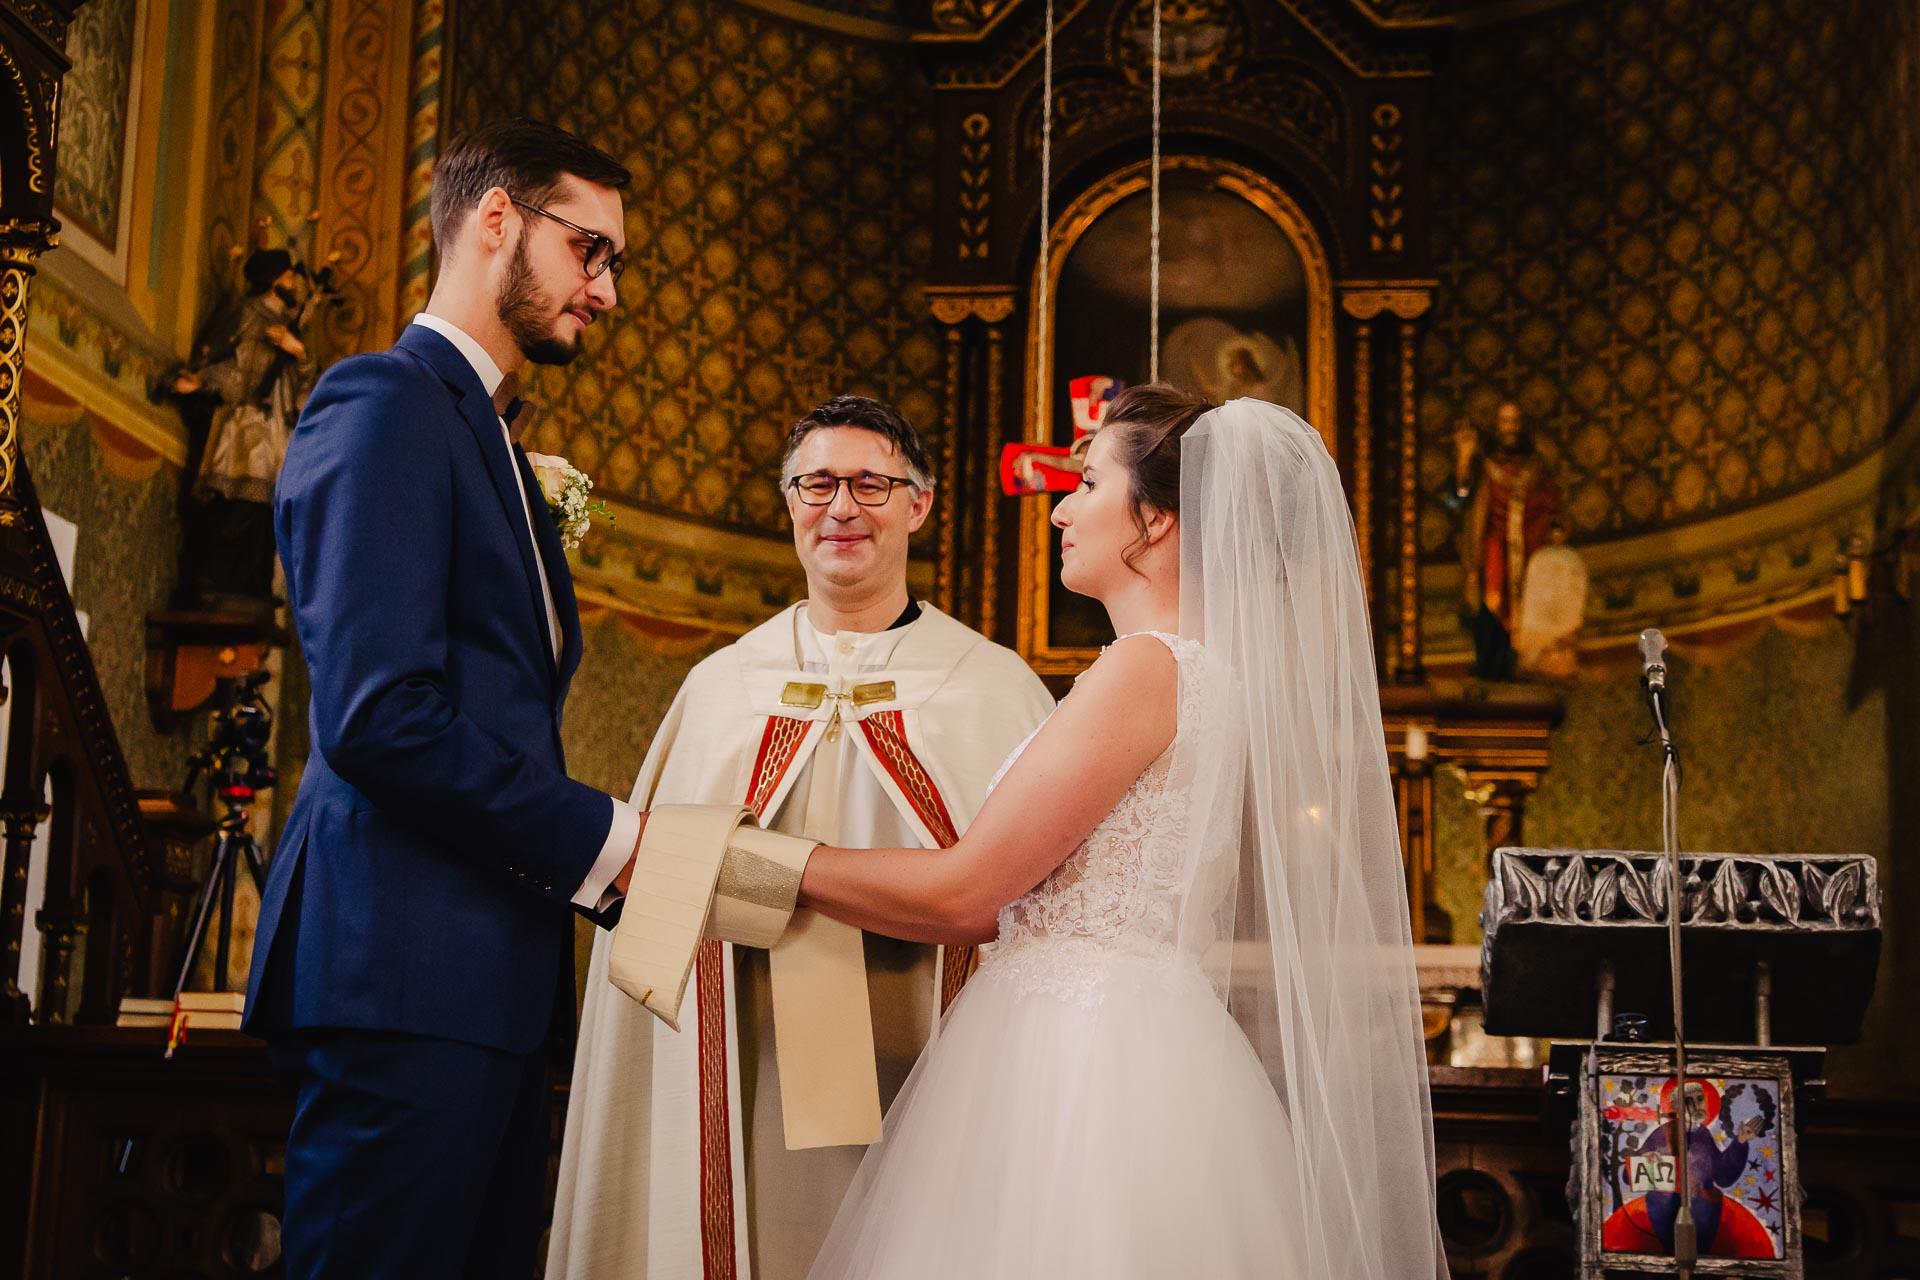 svatební fotograf Praha,svatba střední čechy, církevní obřad, svatba v kostele, nejhezčí svatební fotografie-2362